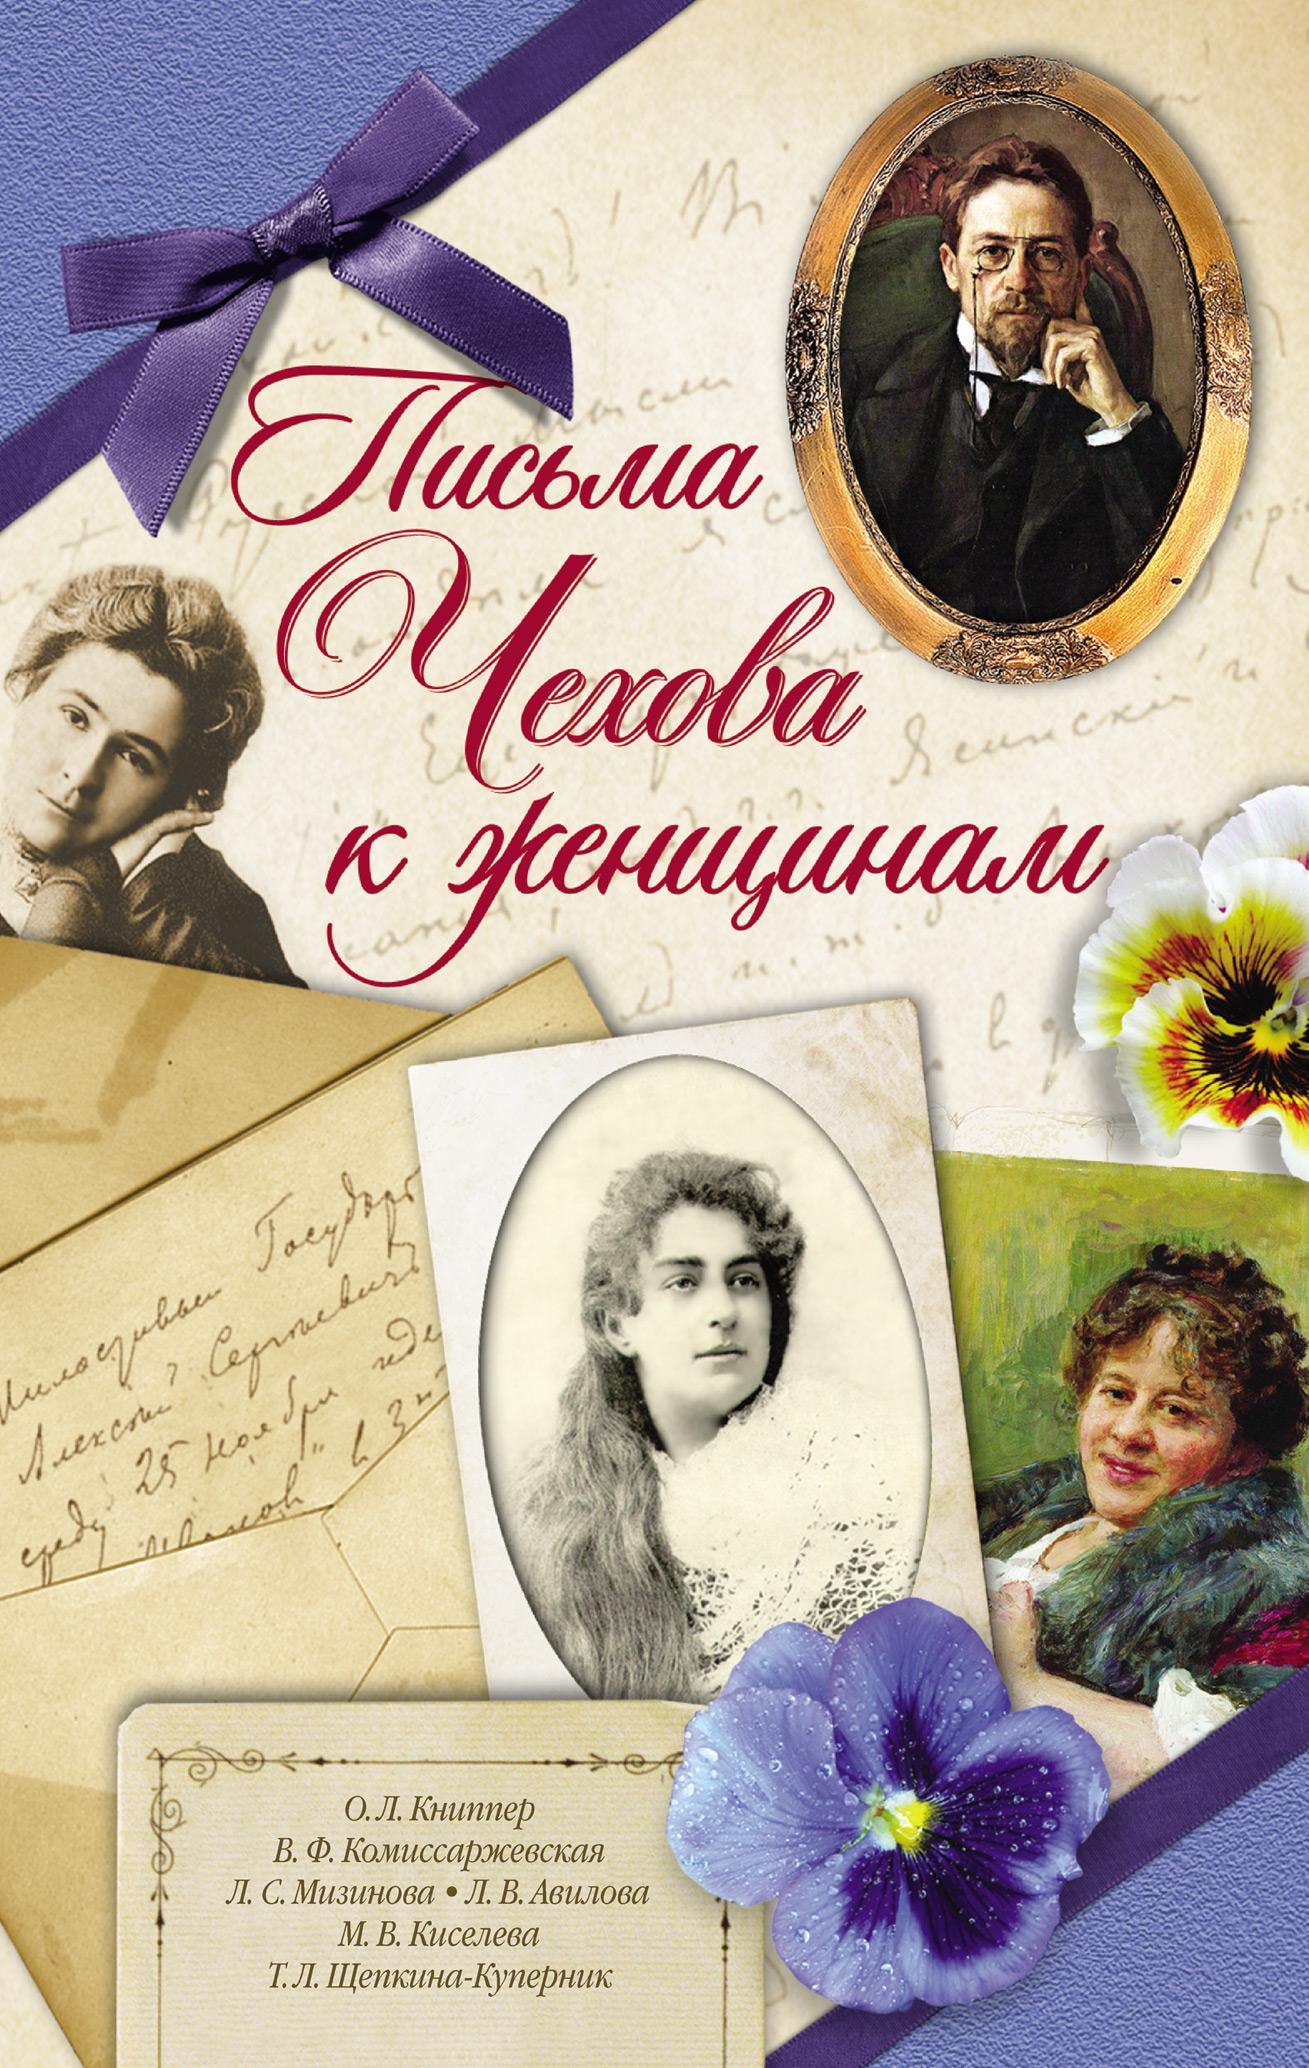 Антон Чехов Письма Чехова к женщинам и и горбачевский записки письма